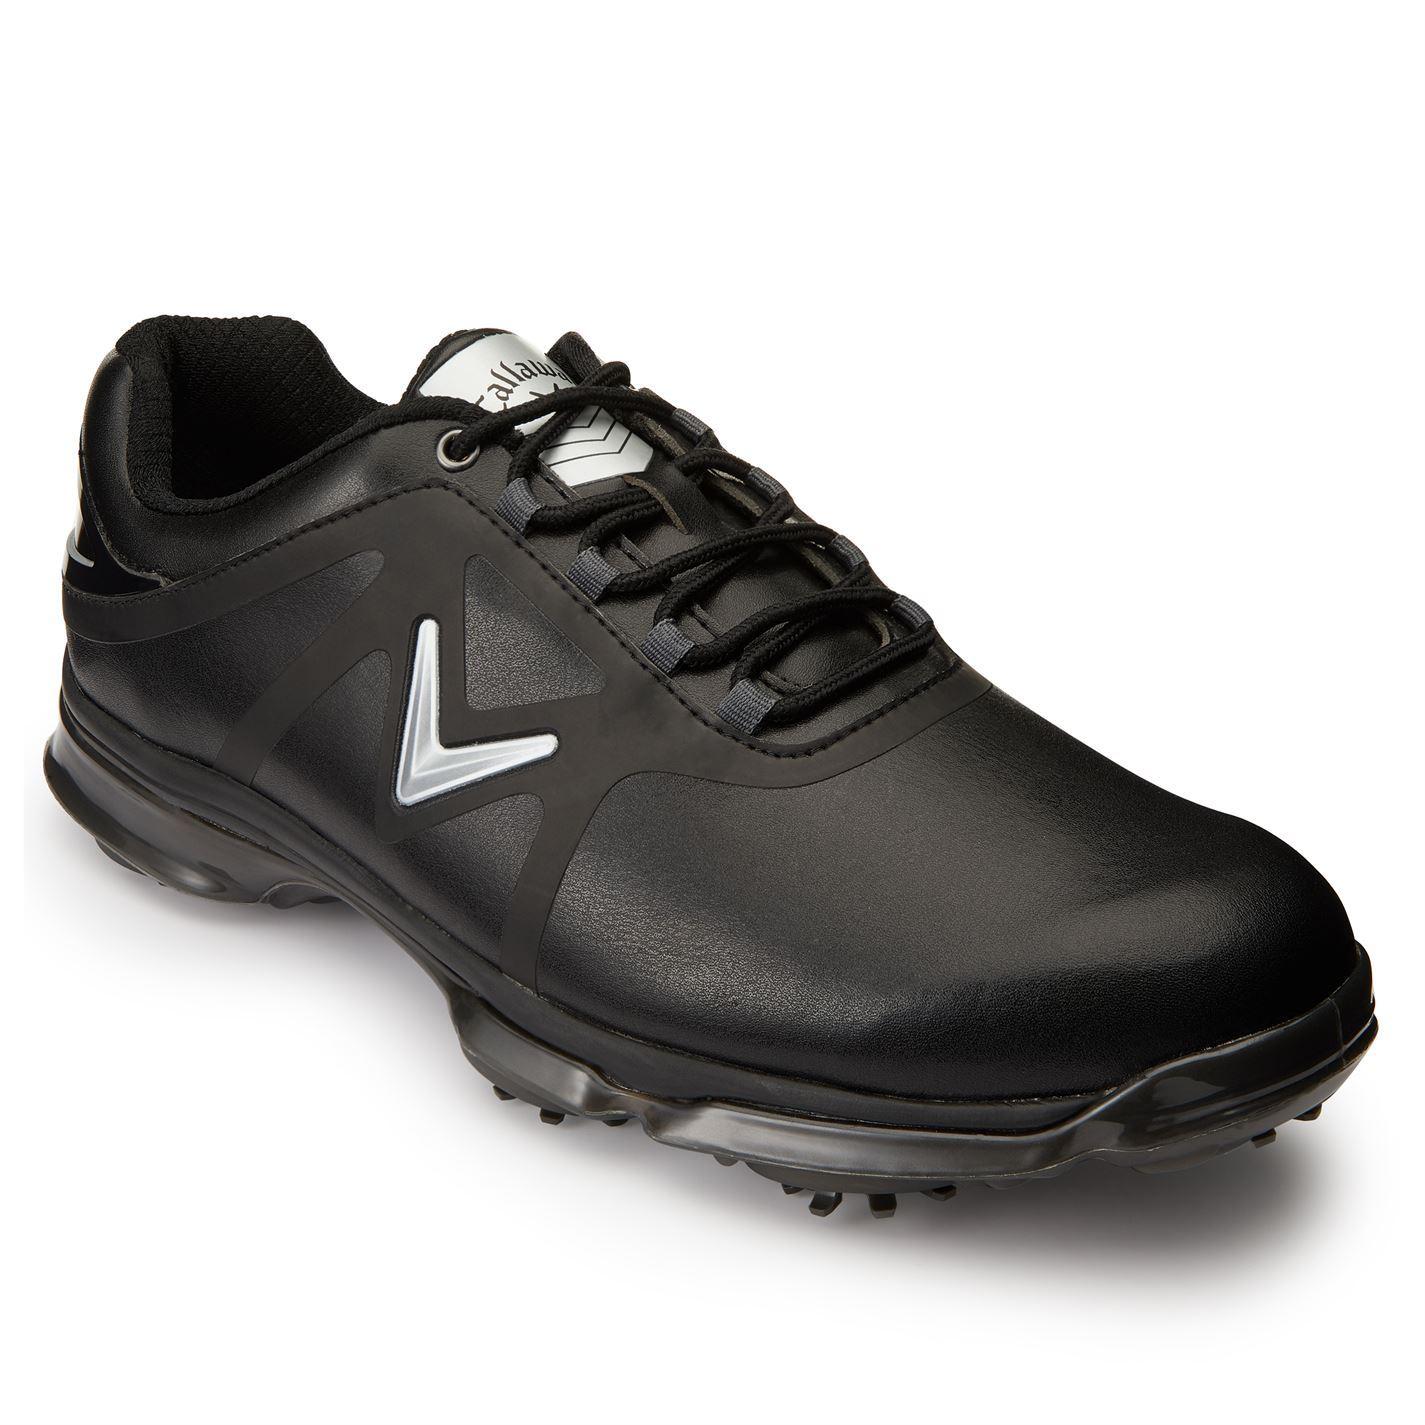 Callaway-XTT-Comfort-Spiked-Golf-Shoes-Mens-Spikes-Footwear thumbnail 8